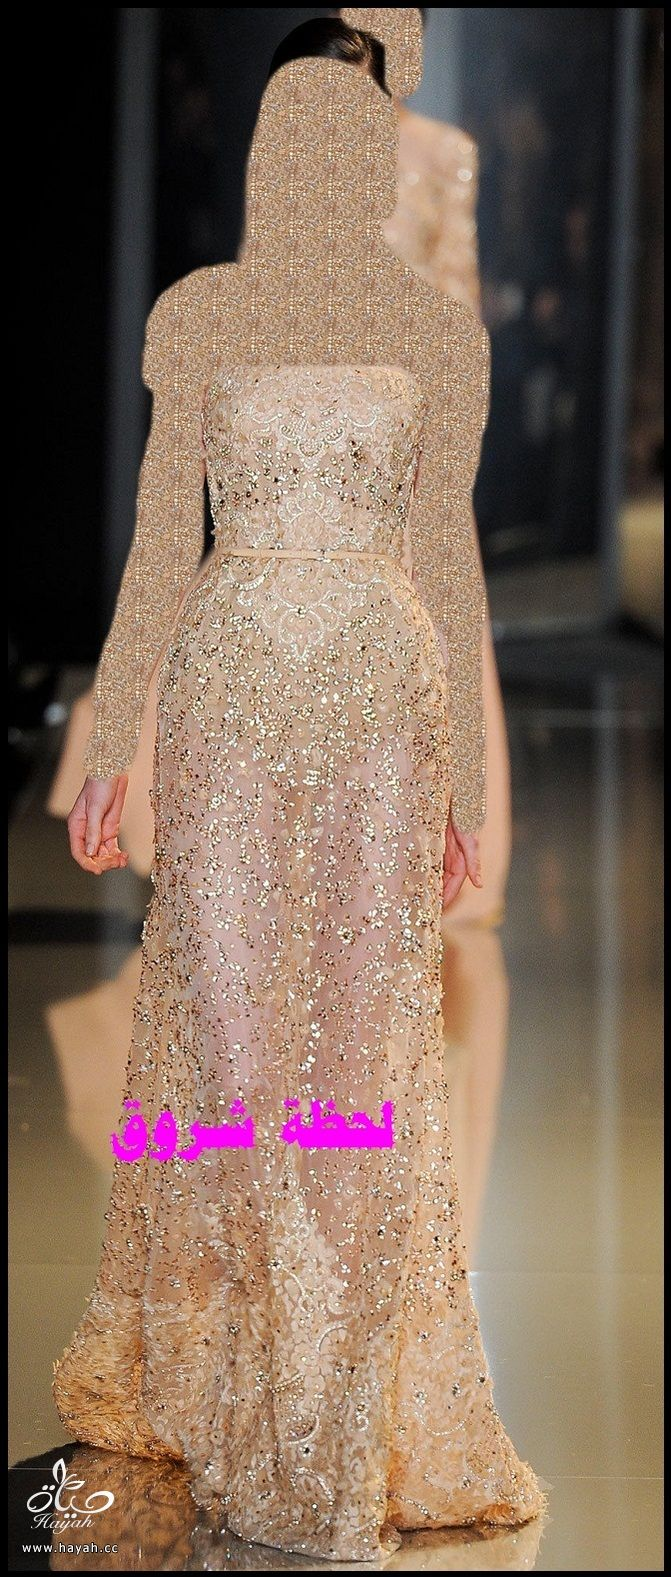 فساتين سهرة و سهرات مميزة جديدة Evening Dresses2013 hayahcc_1370028329_578.jpg